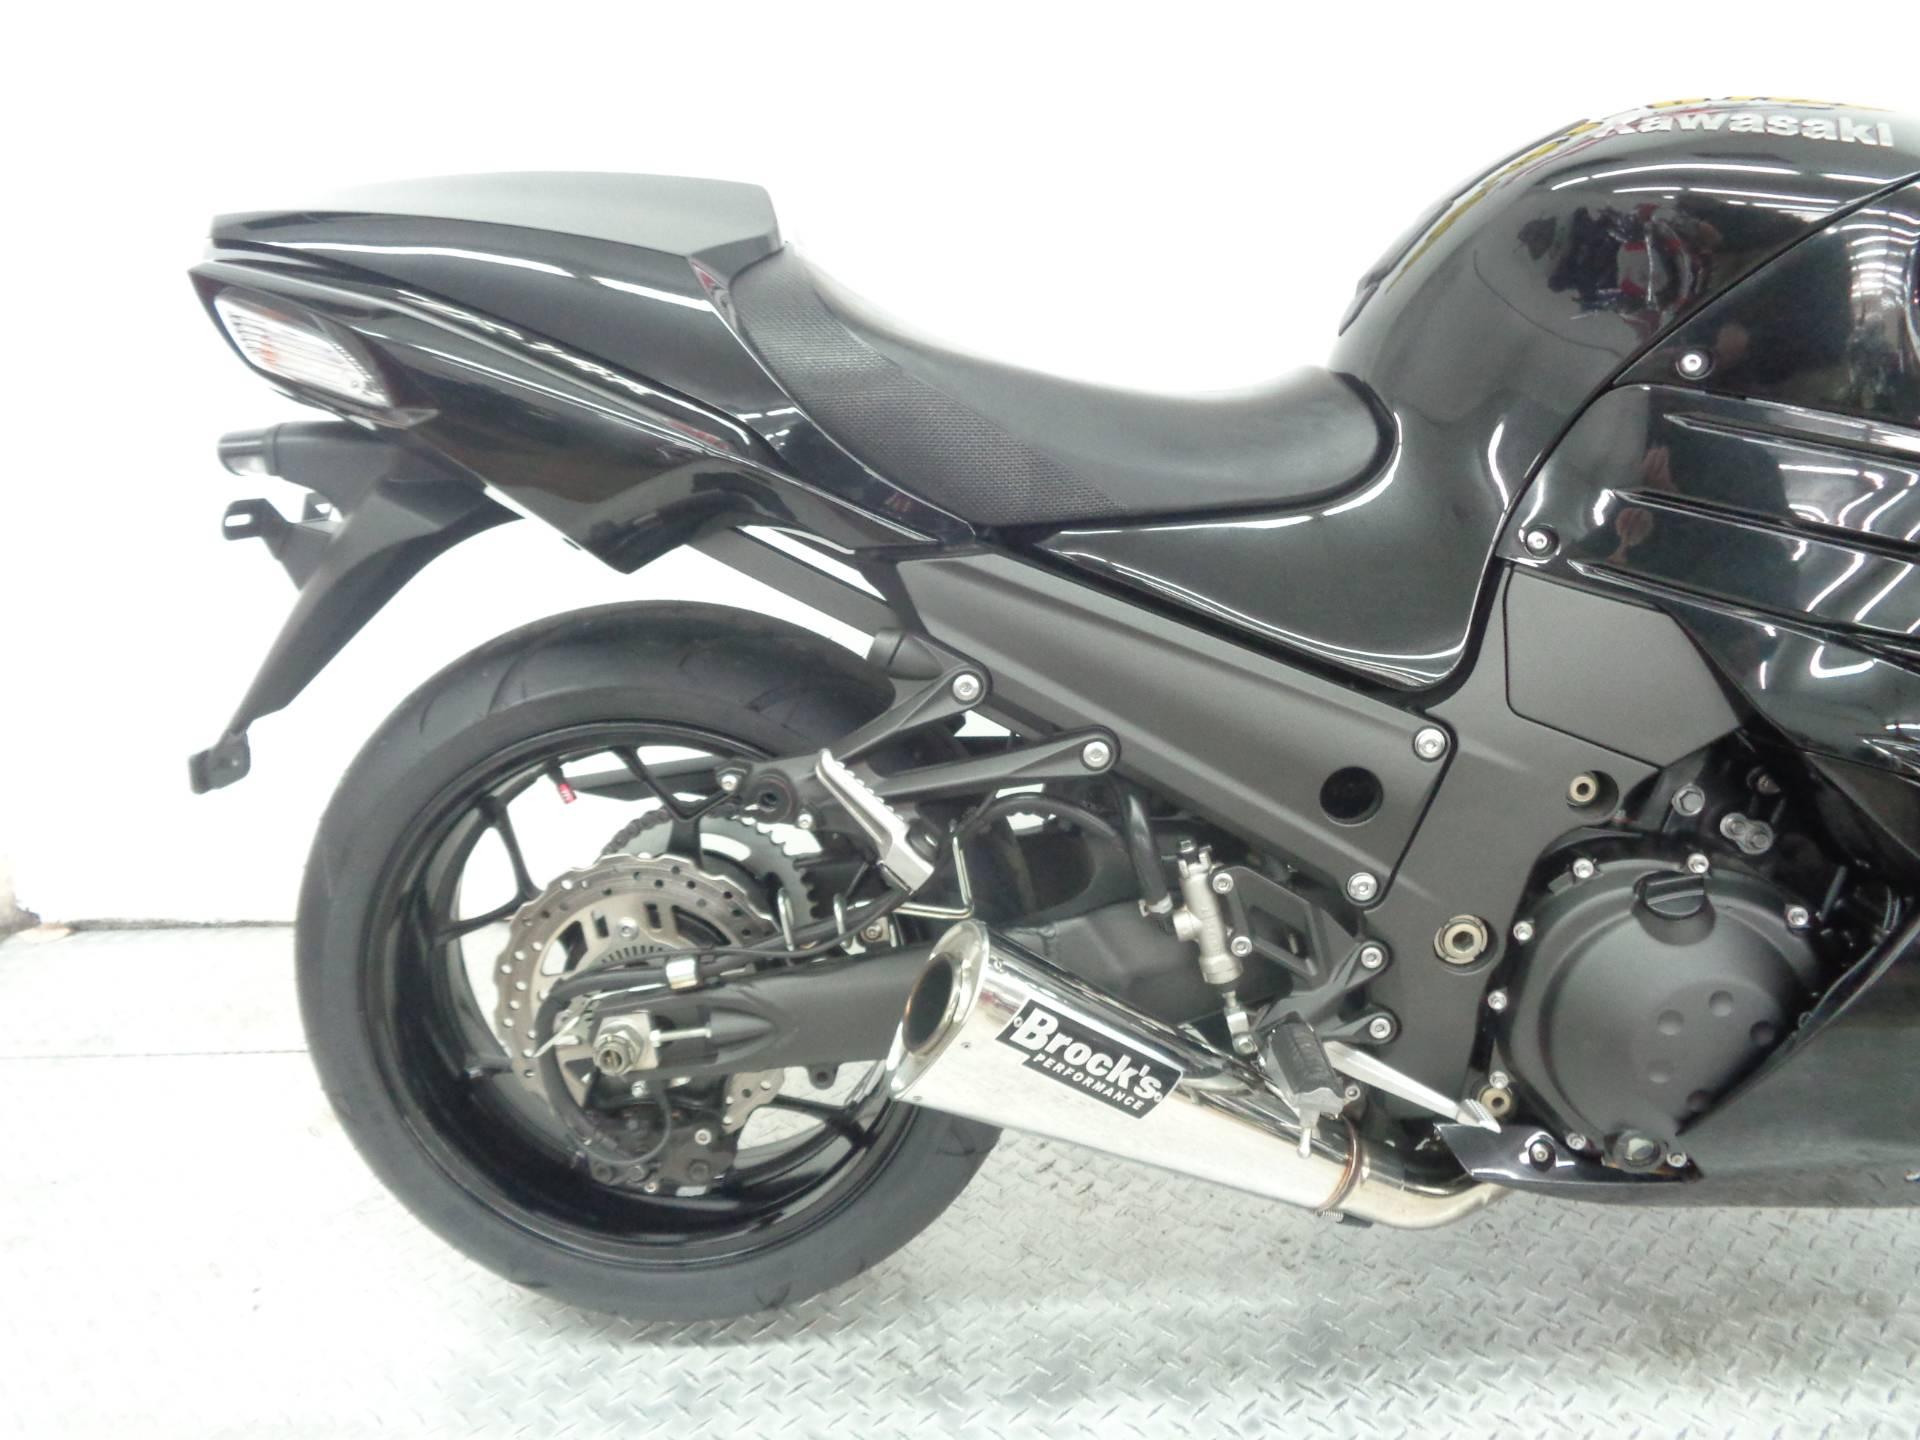 2012 Kawasaki Ninja Zx 14r